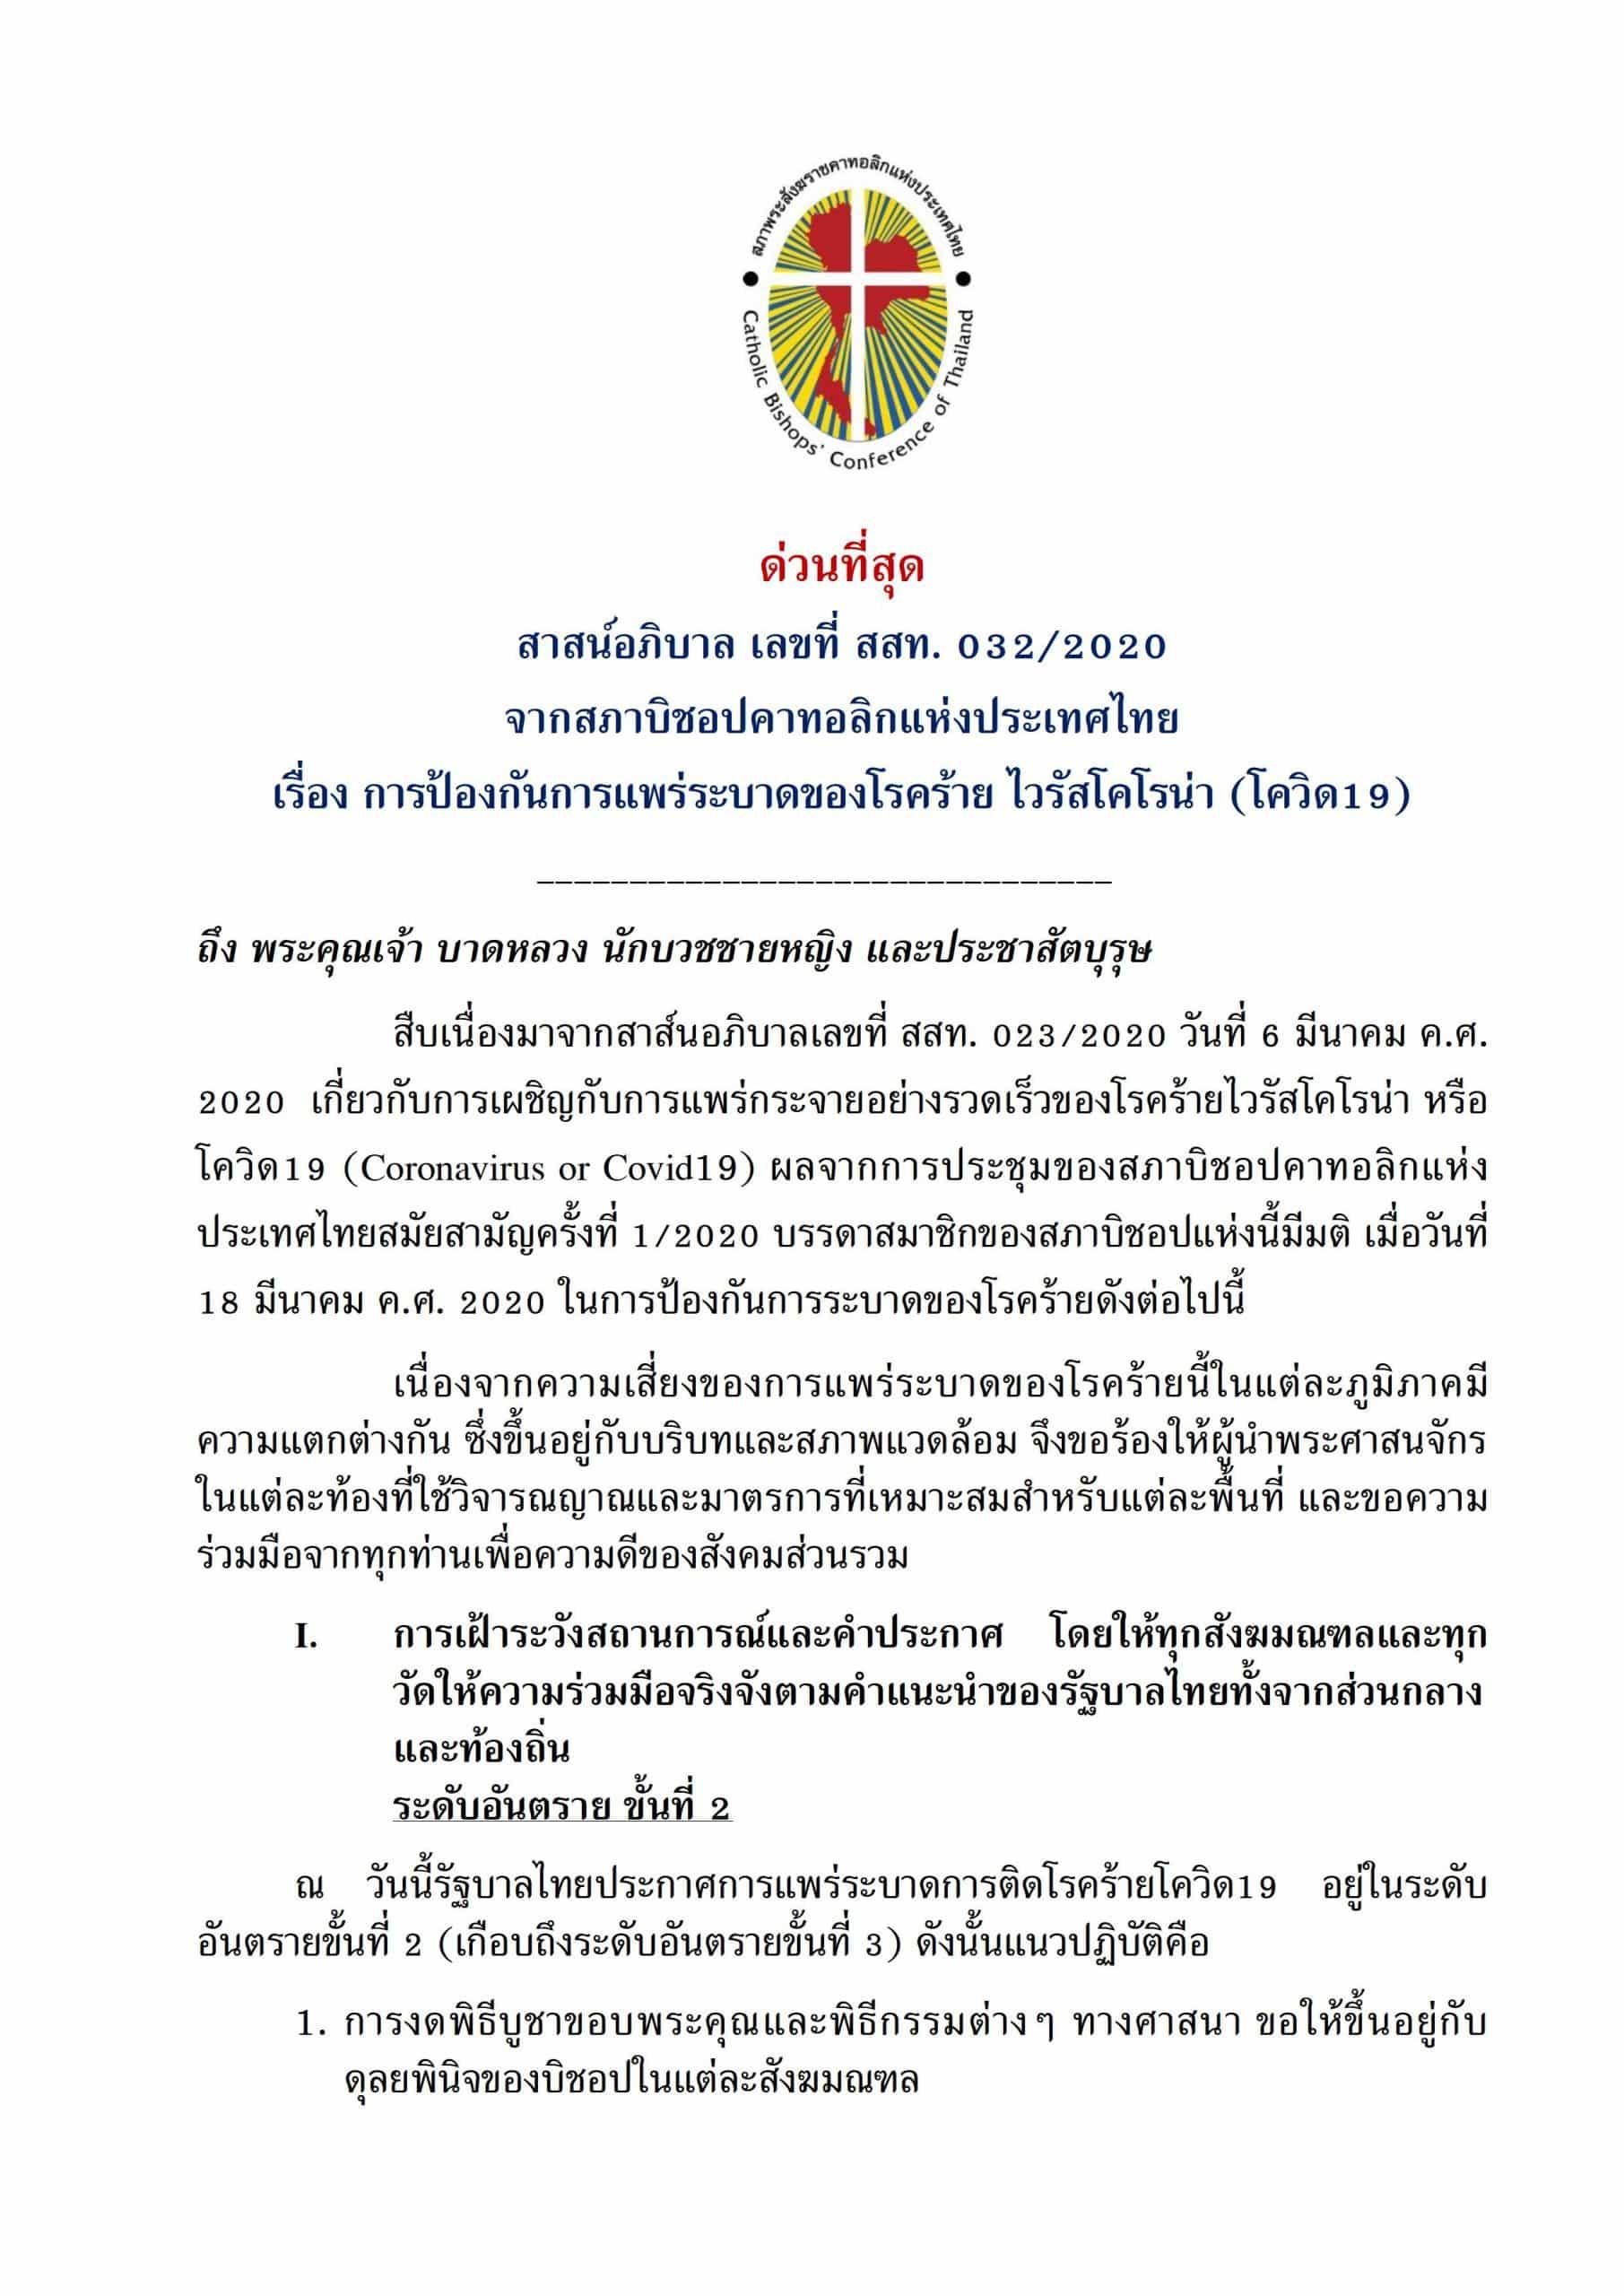 สาสน์อภิบาล เลขที่ สสท. 032-2020 (1)